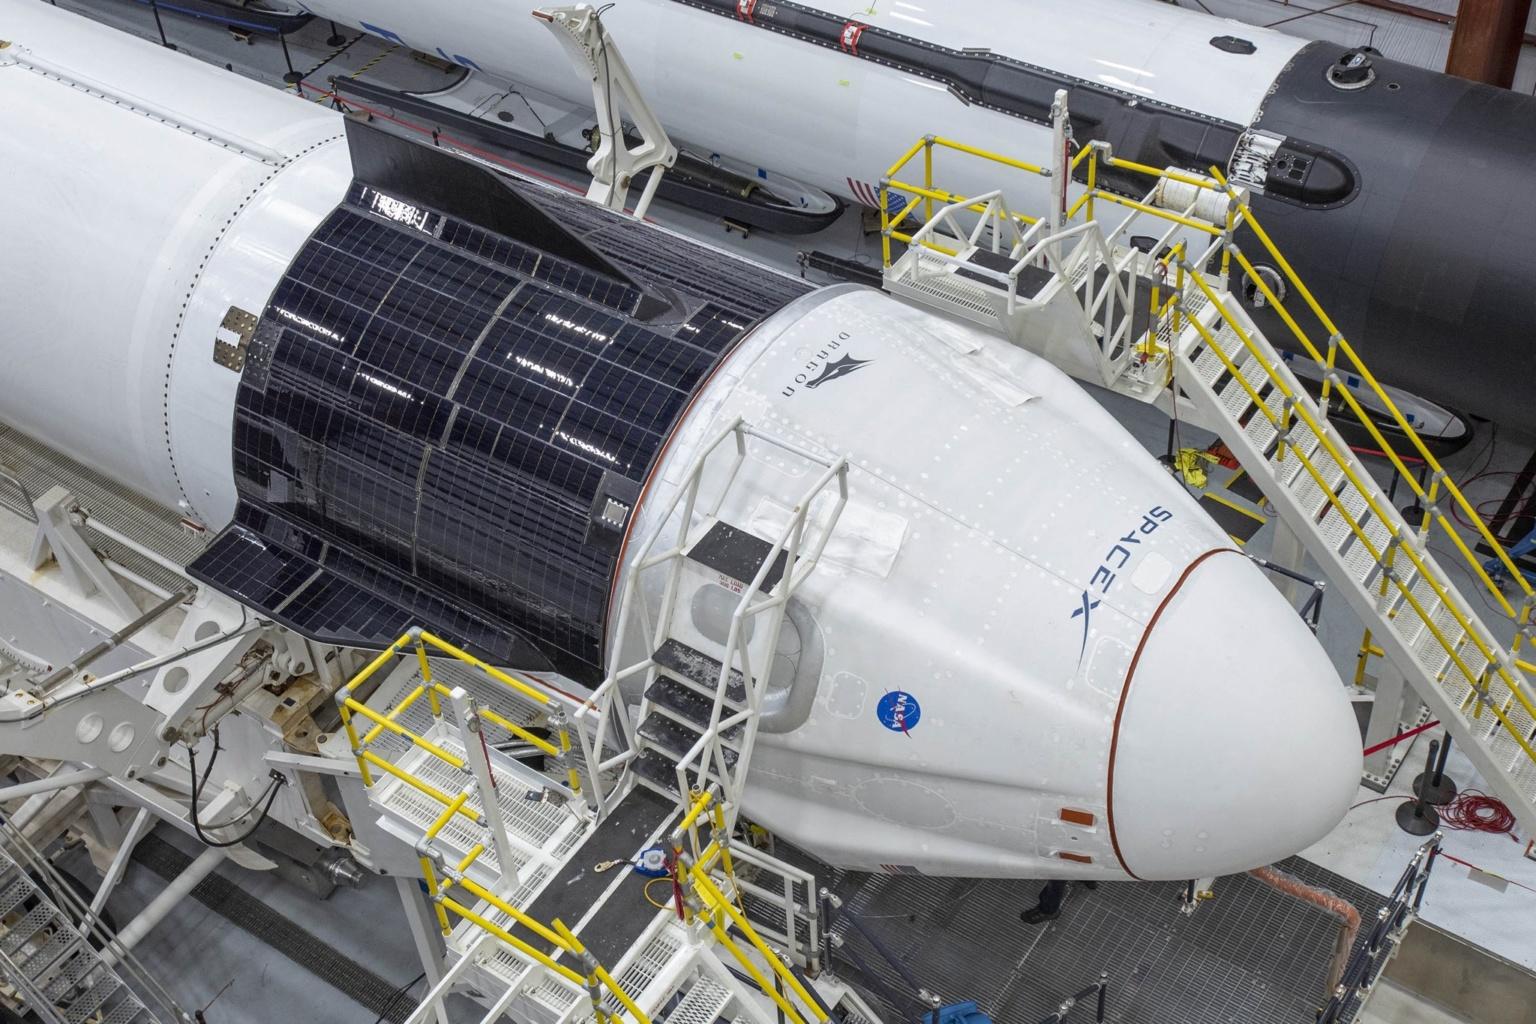 Ракета Falcon 9 и корабль Crew Dragon во всей красе перед грядущим историческим запуском